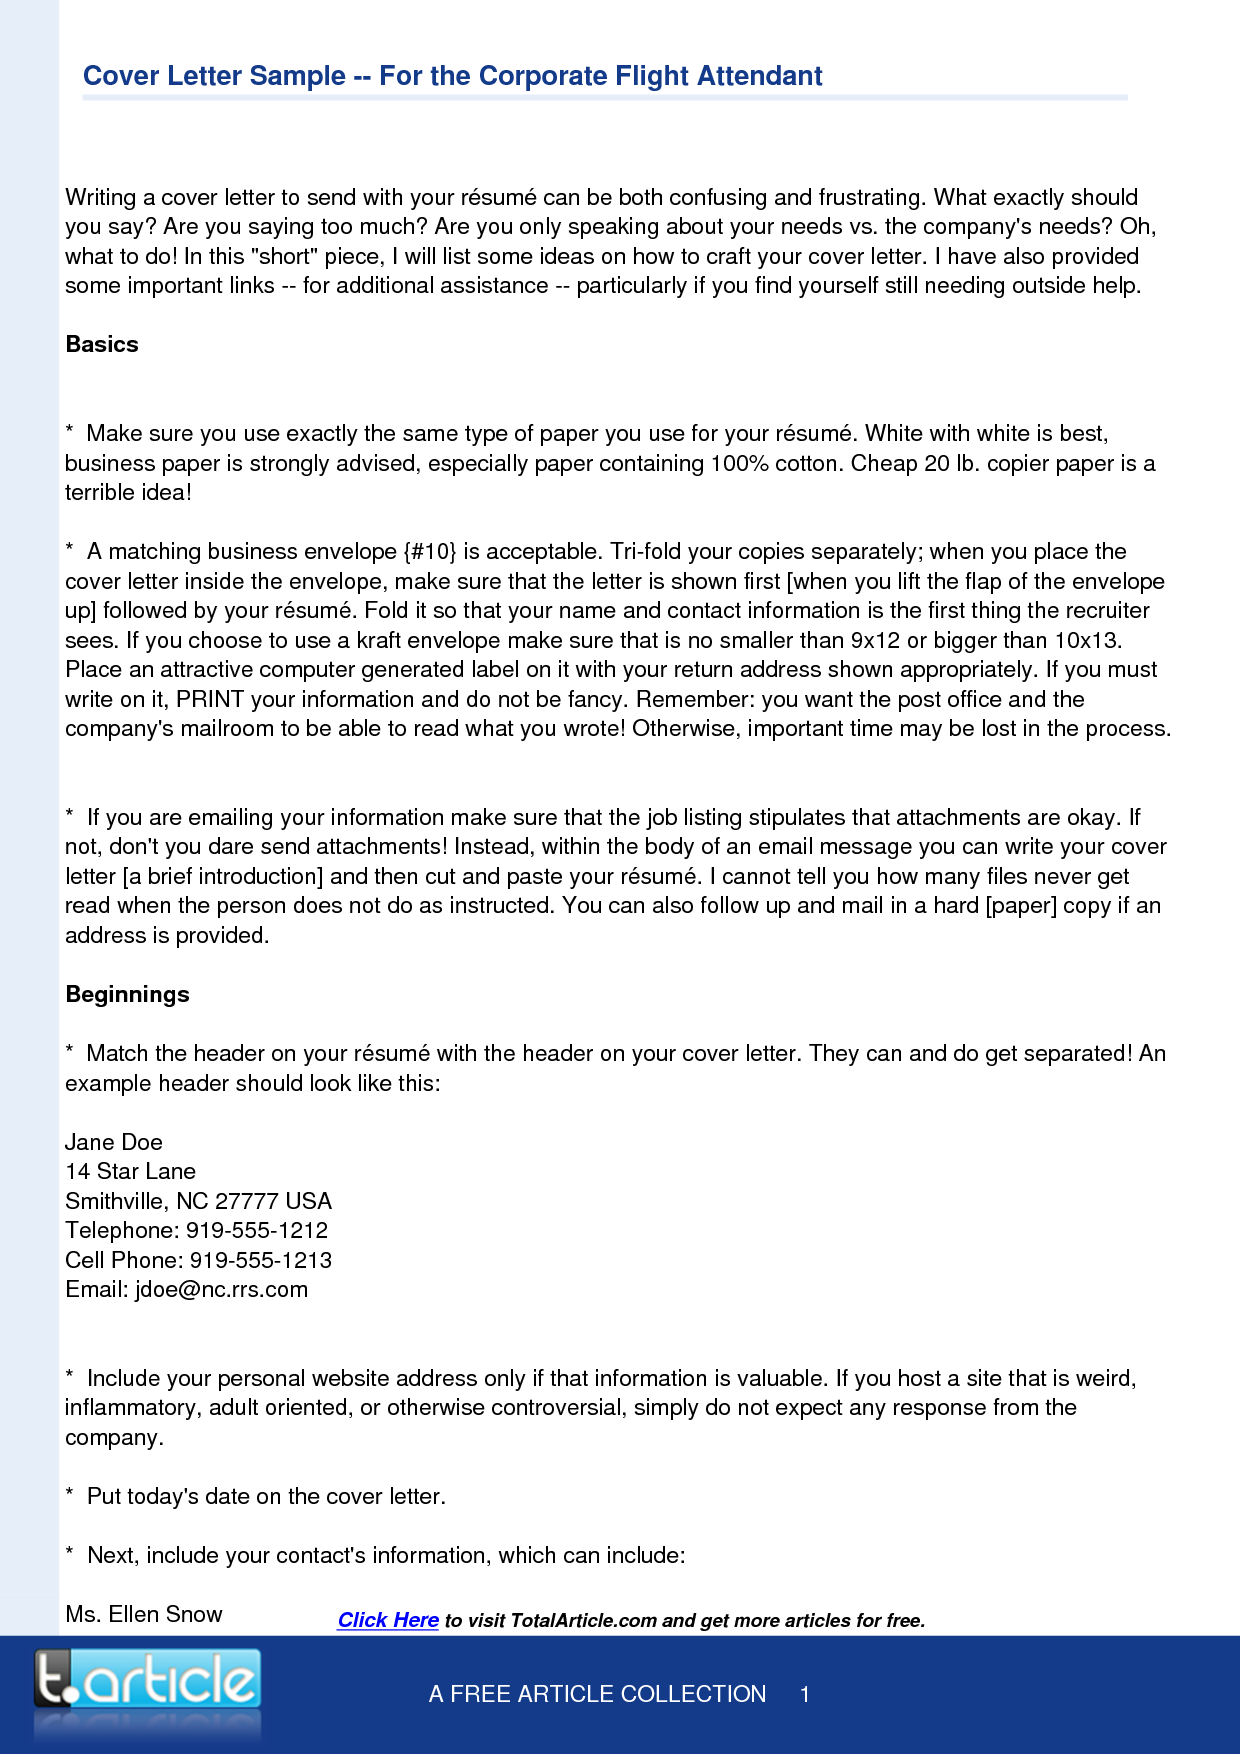 Flight Attendant Cover Letter Template Resume, Cover